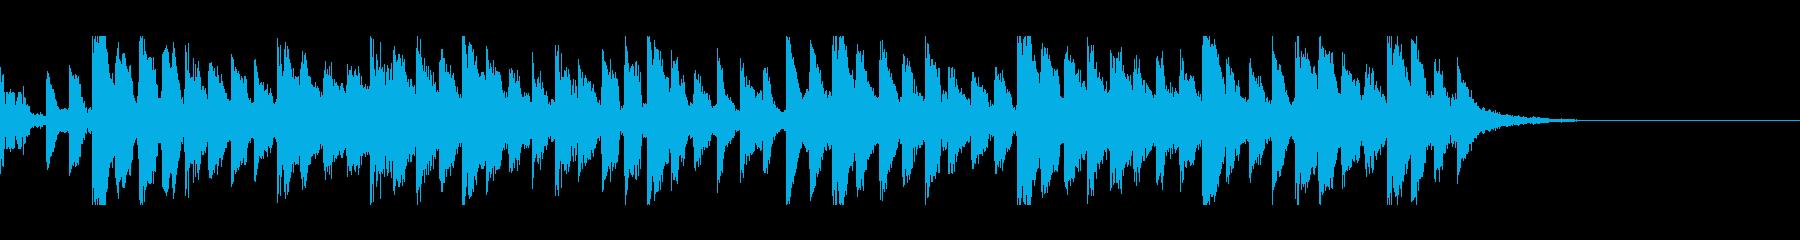 シンスウェーブなシンキングタイム音の再生済みの波形